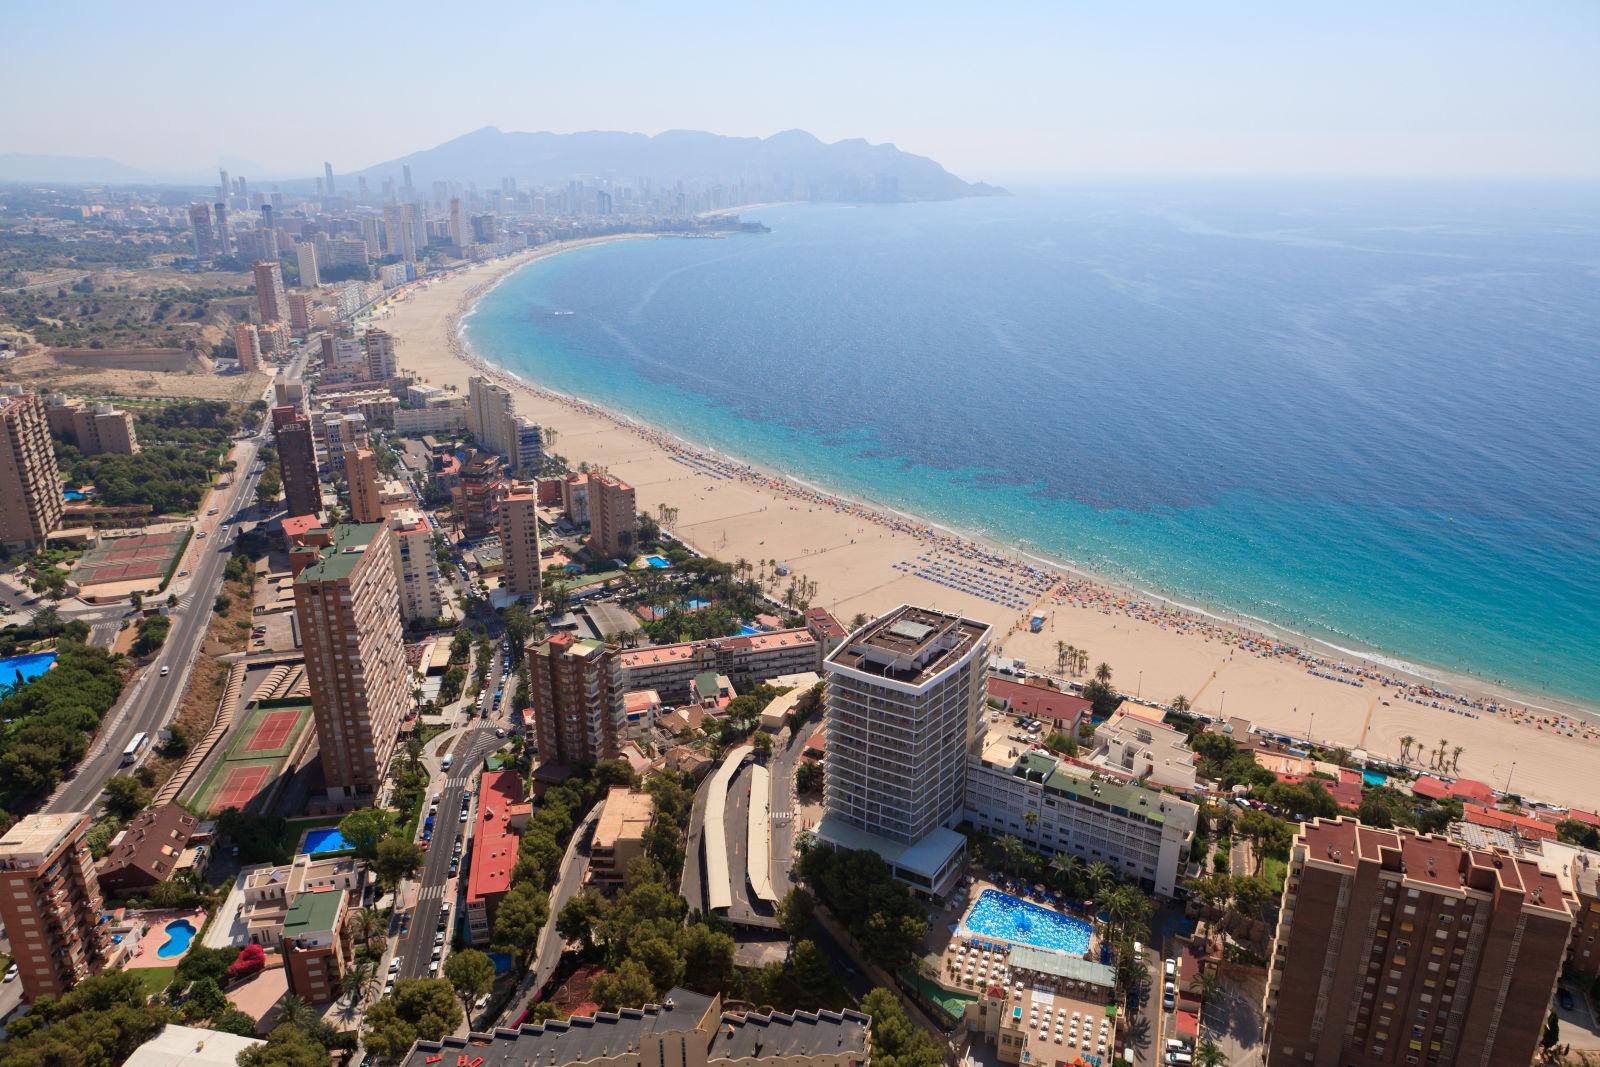 Aerial View, Alicante, Benidorm